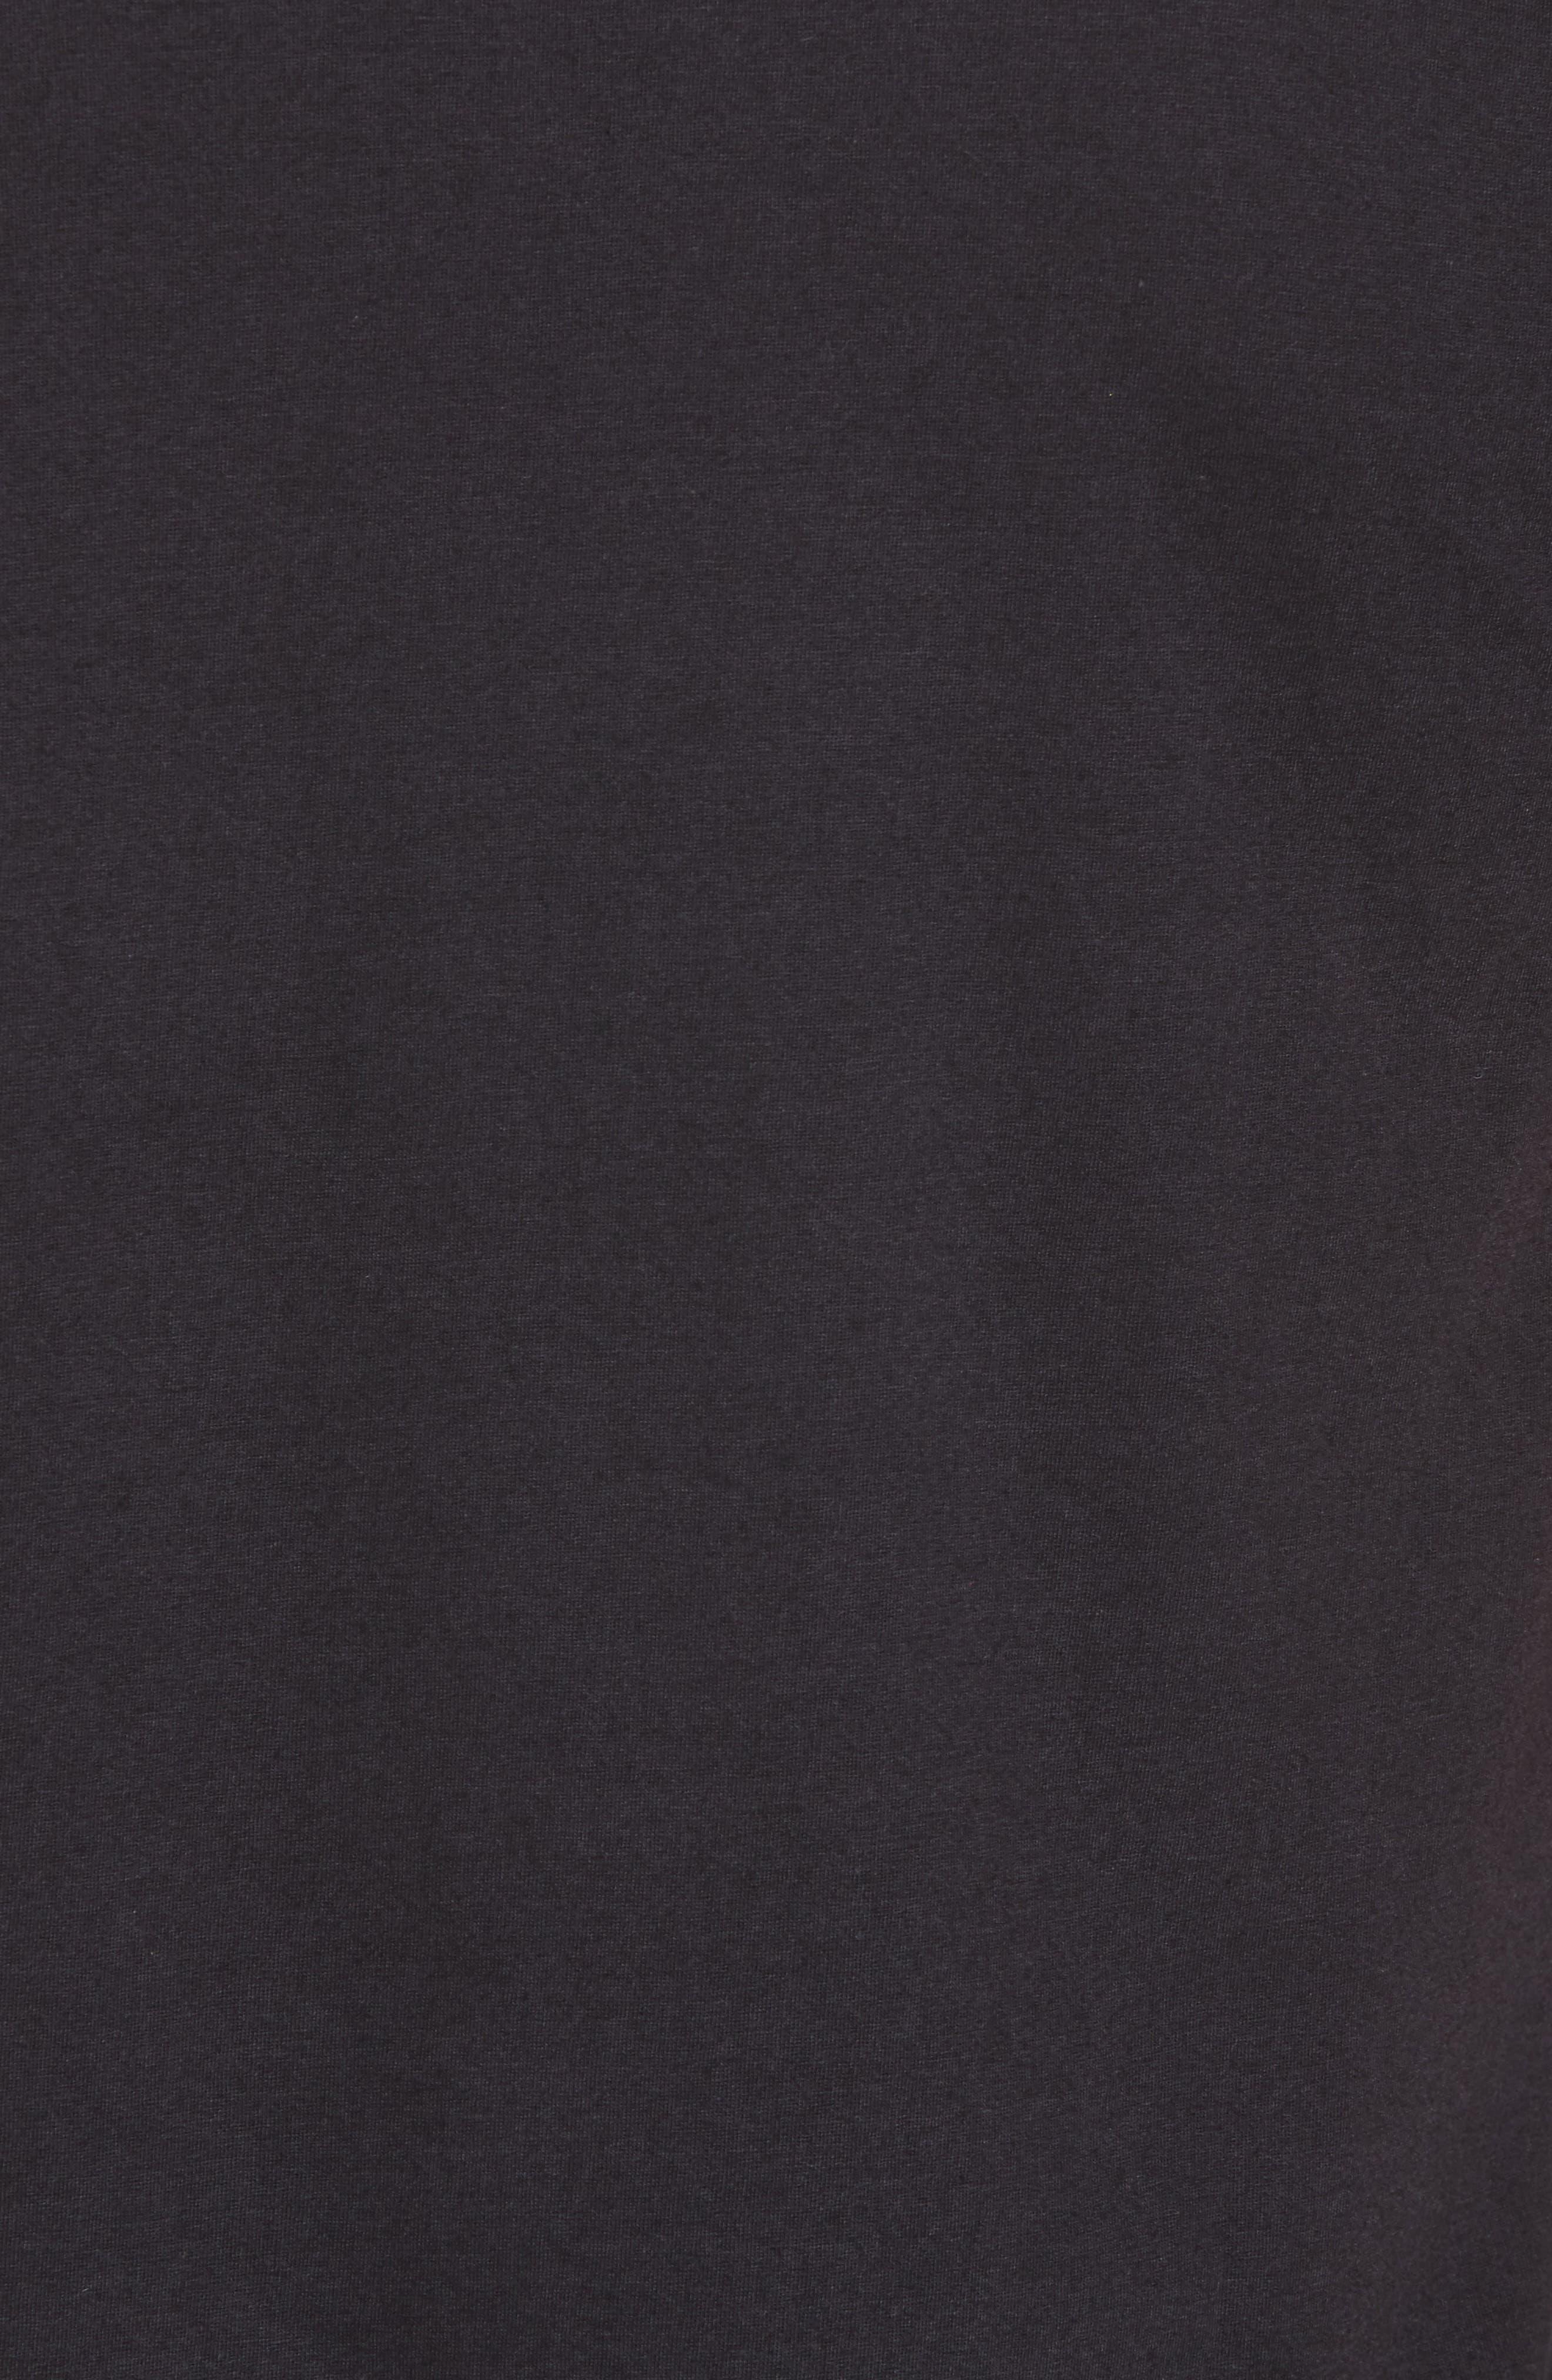 TSL Emblem T-Shirt,                             Alternate thumbnail 5, color,                             BLACK / WHITE